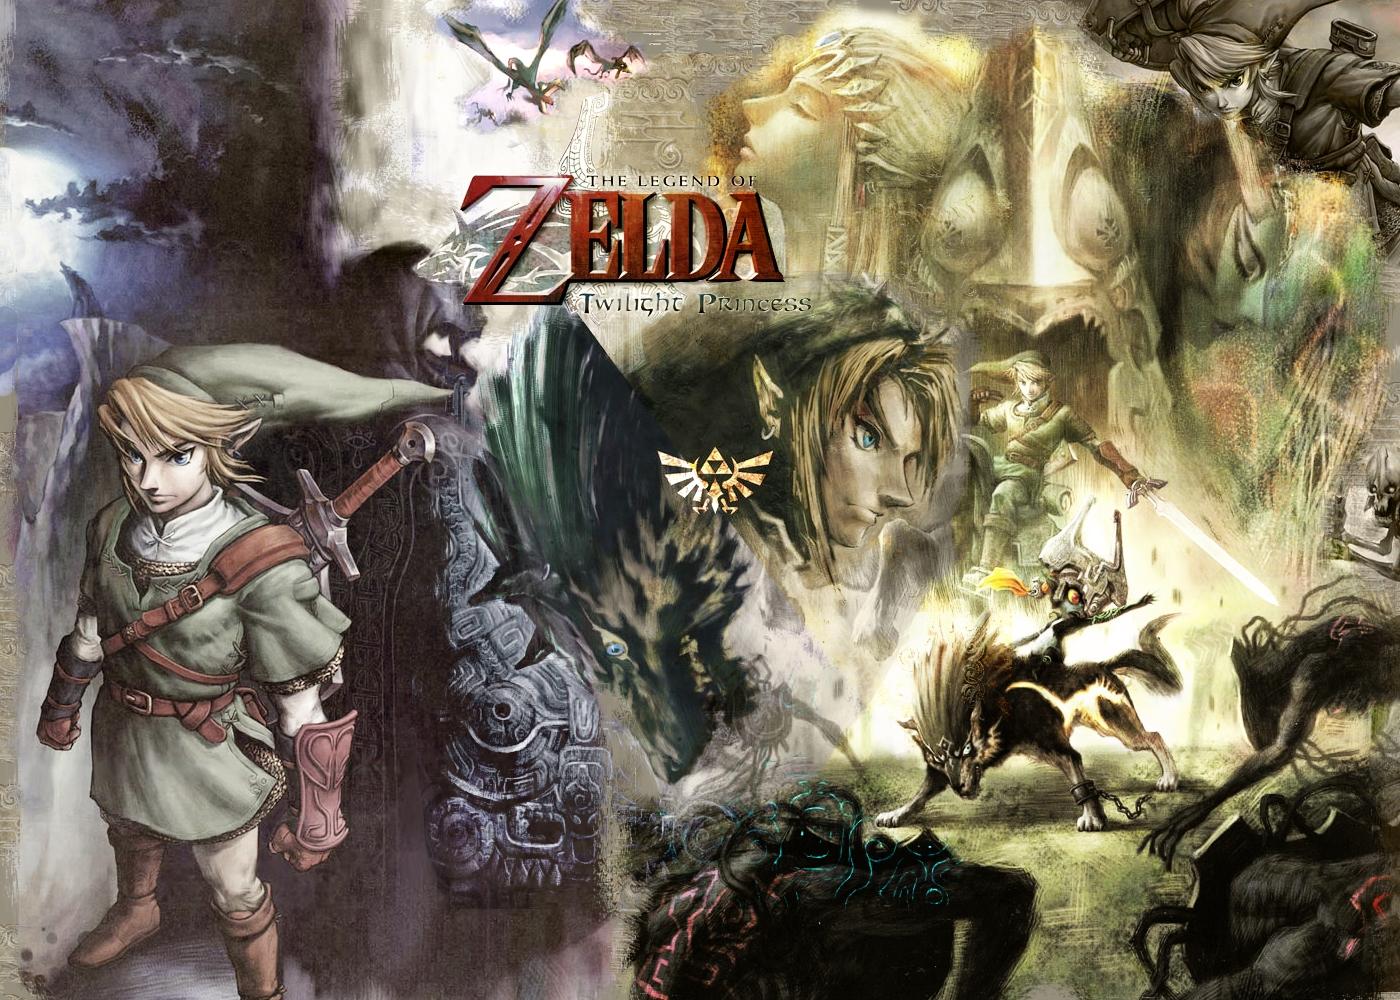 Twilight Princess Wallpapers   The Legend of Zelda 1400x1000